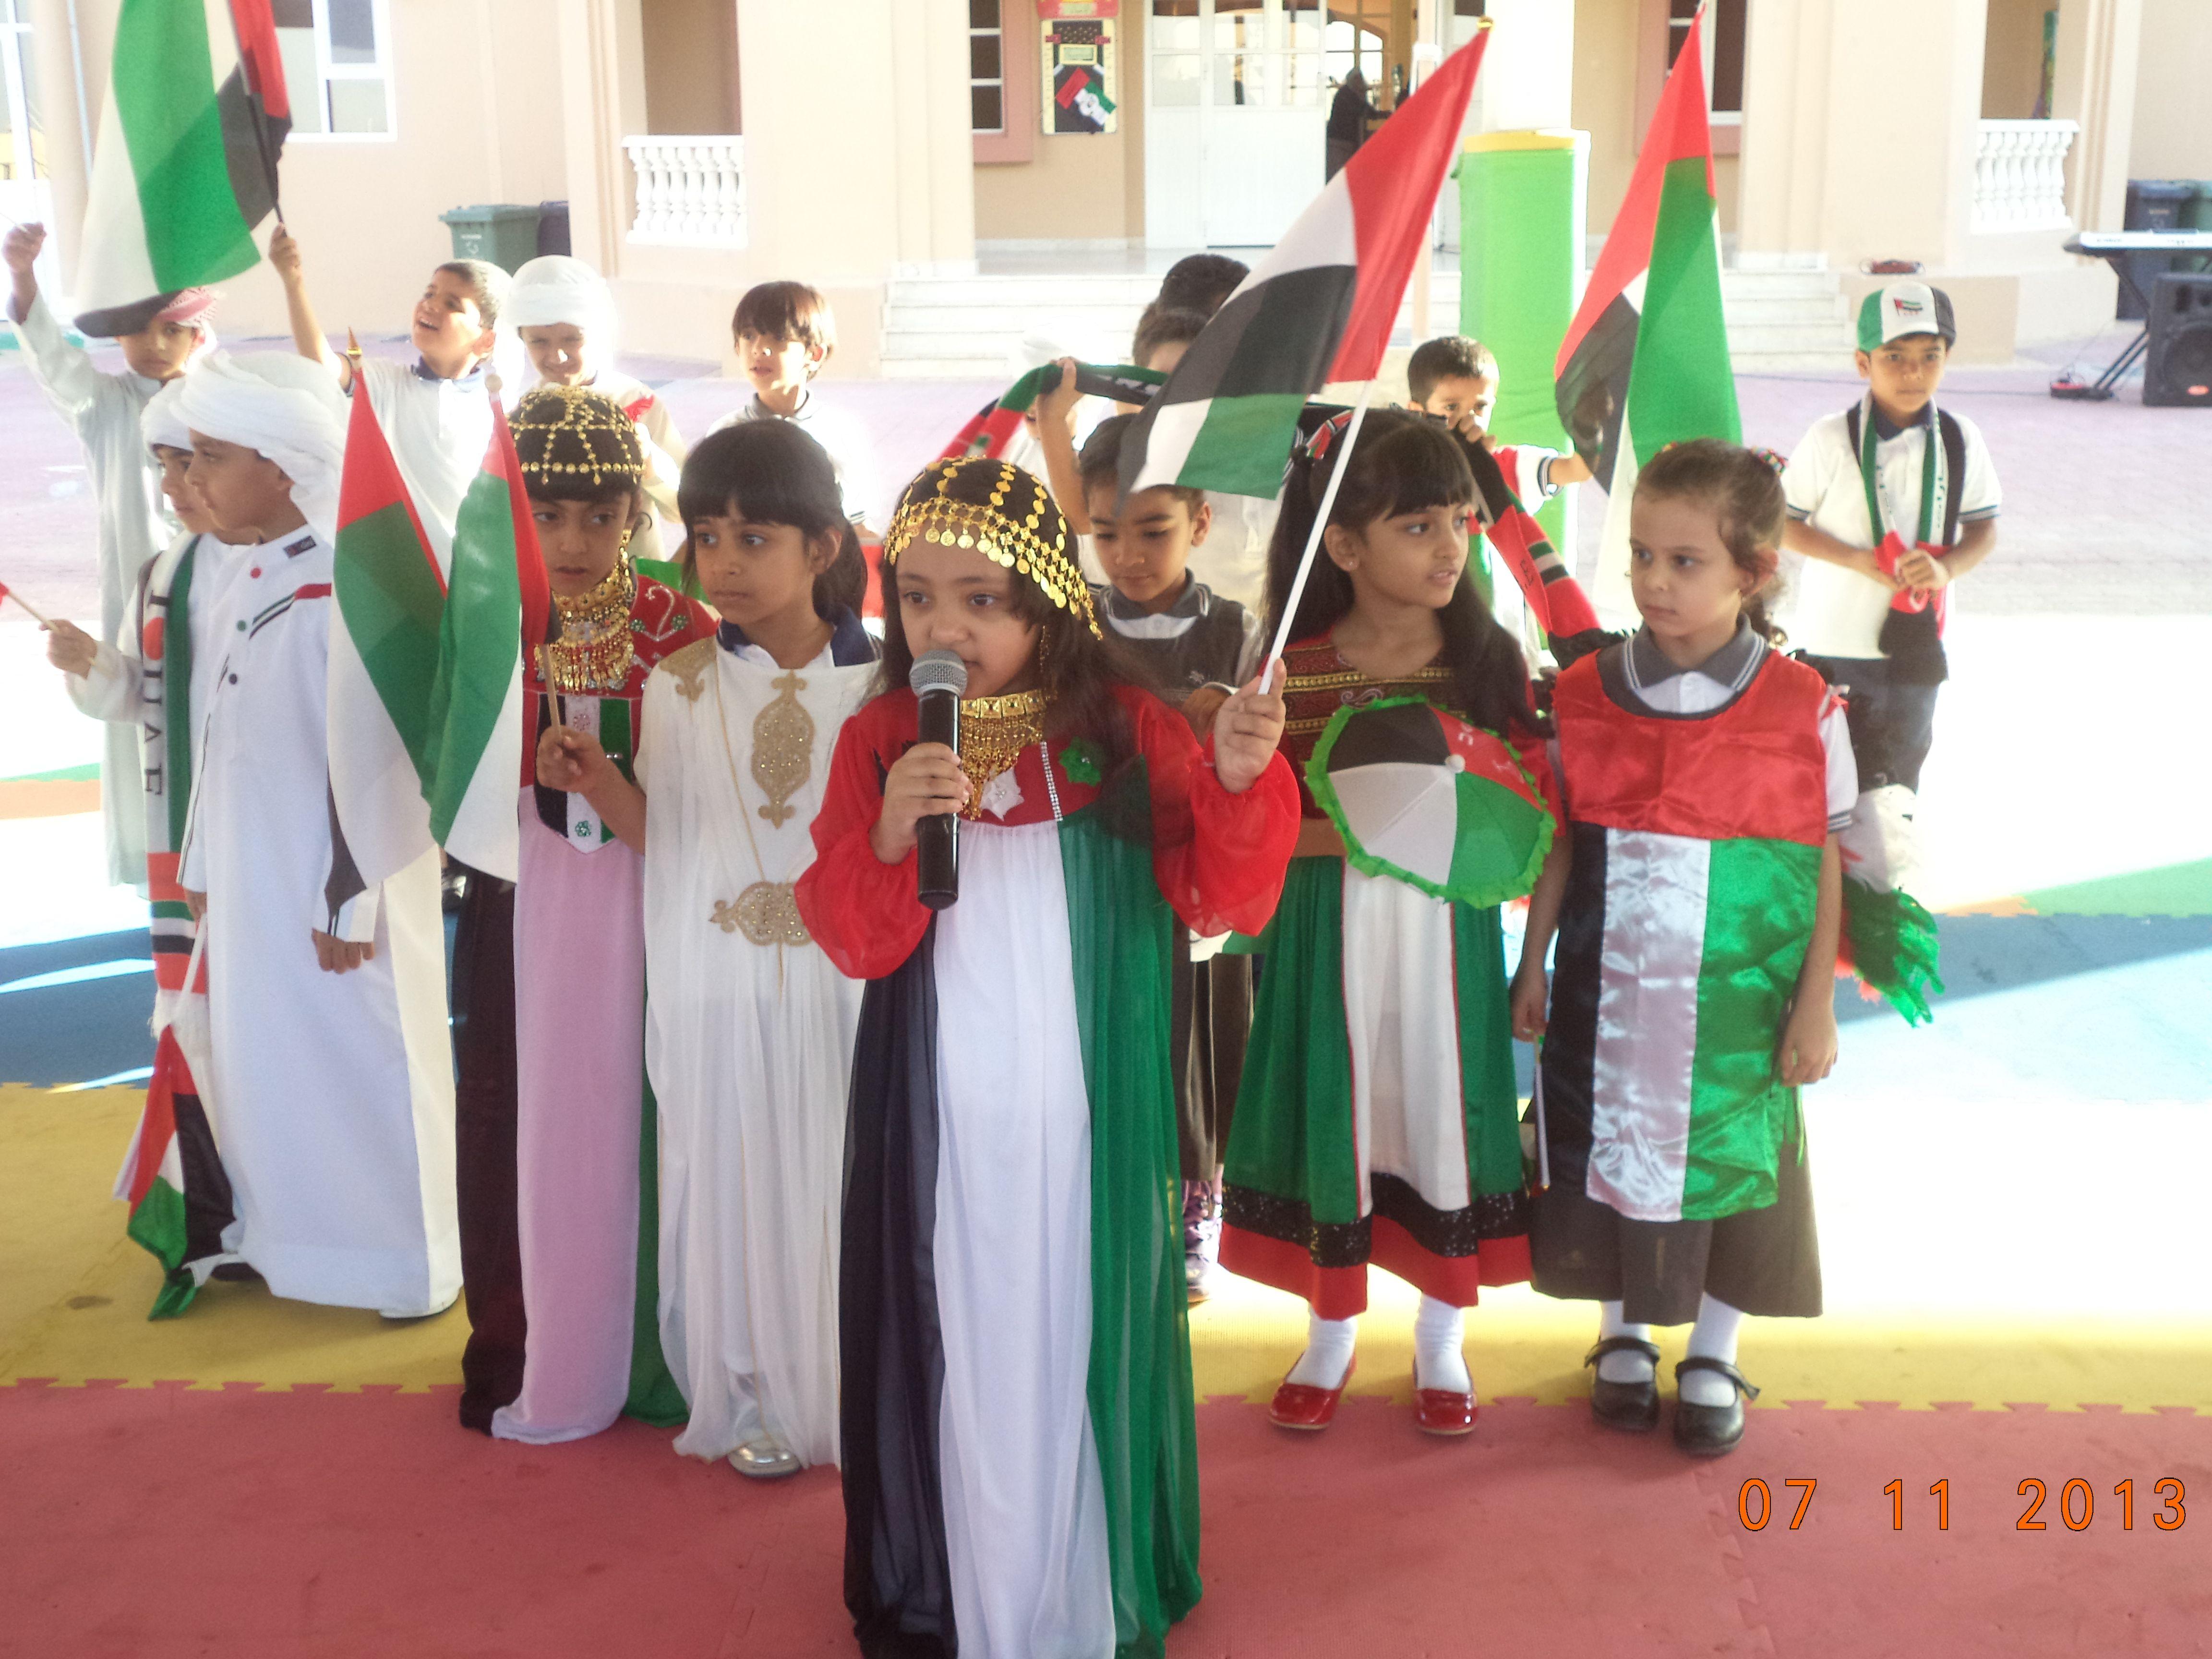 احتفال أطفال الروضة فى الاذاعة الصباحية بالعيد الوطني Fashion Dresses Academic Dress